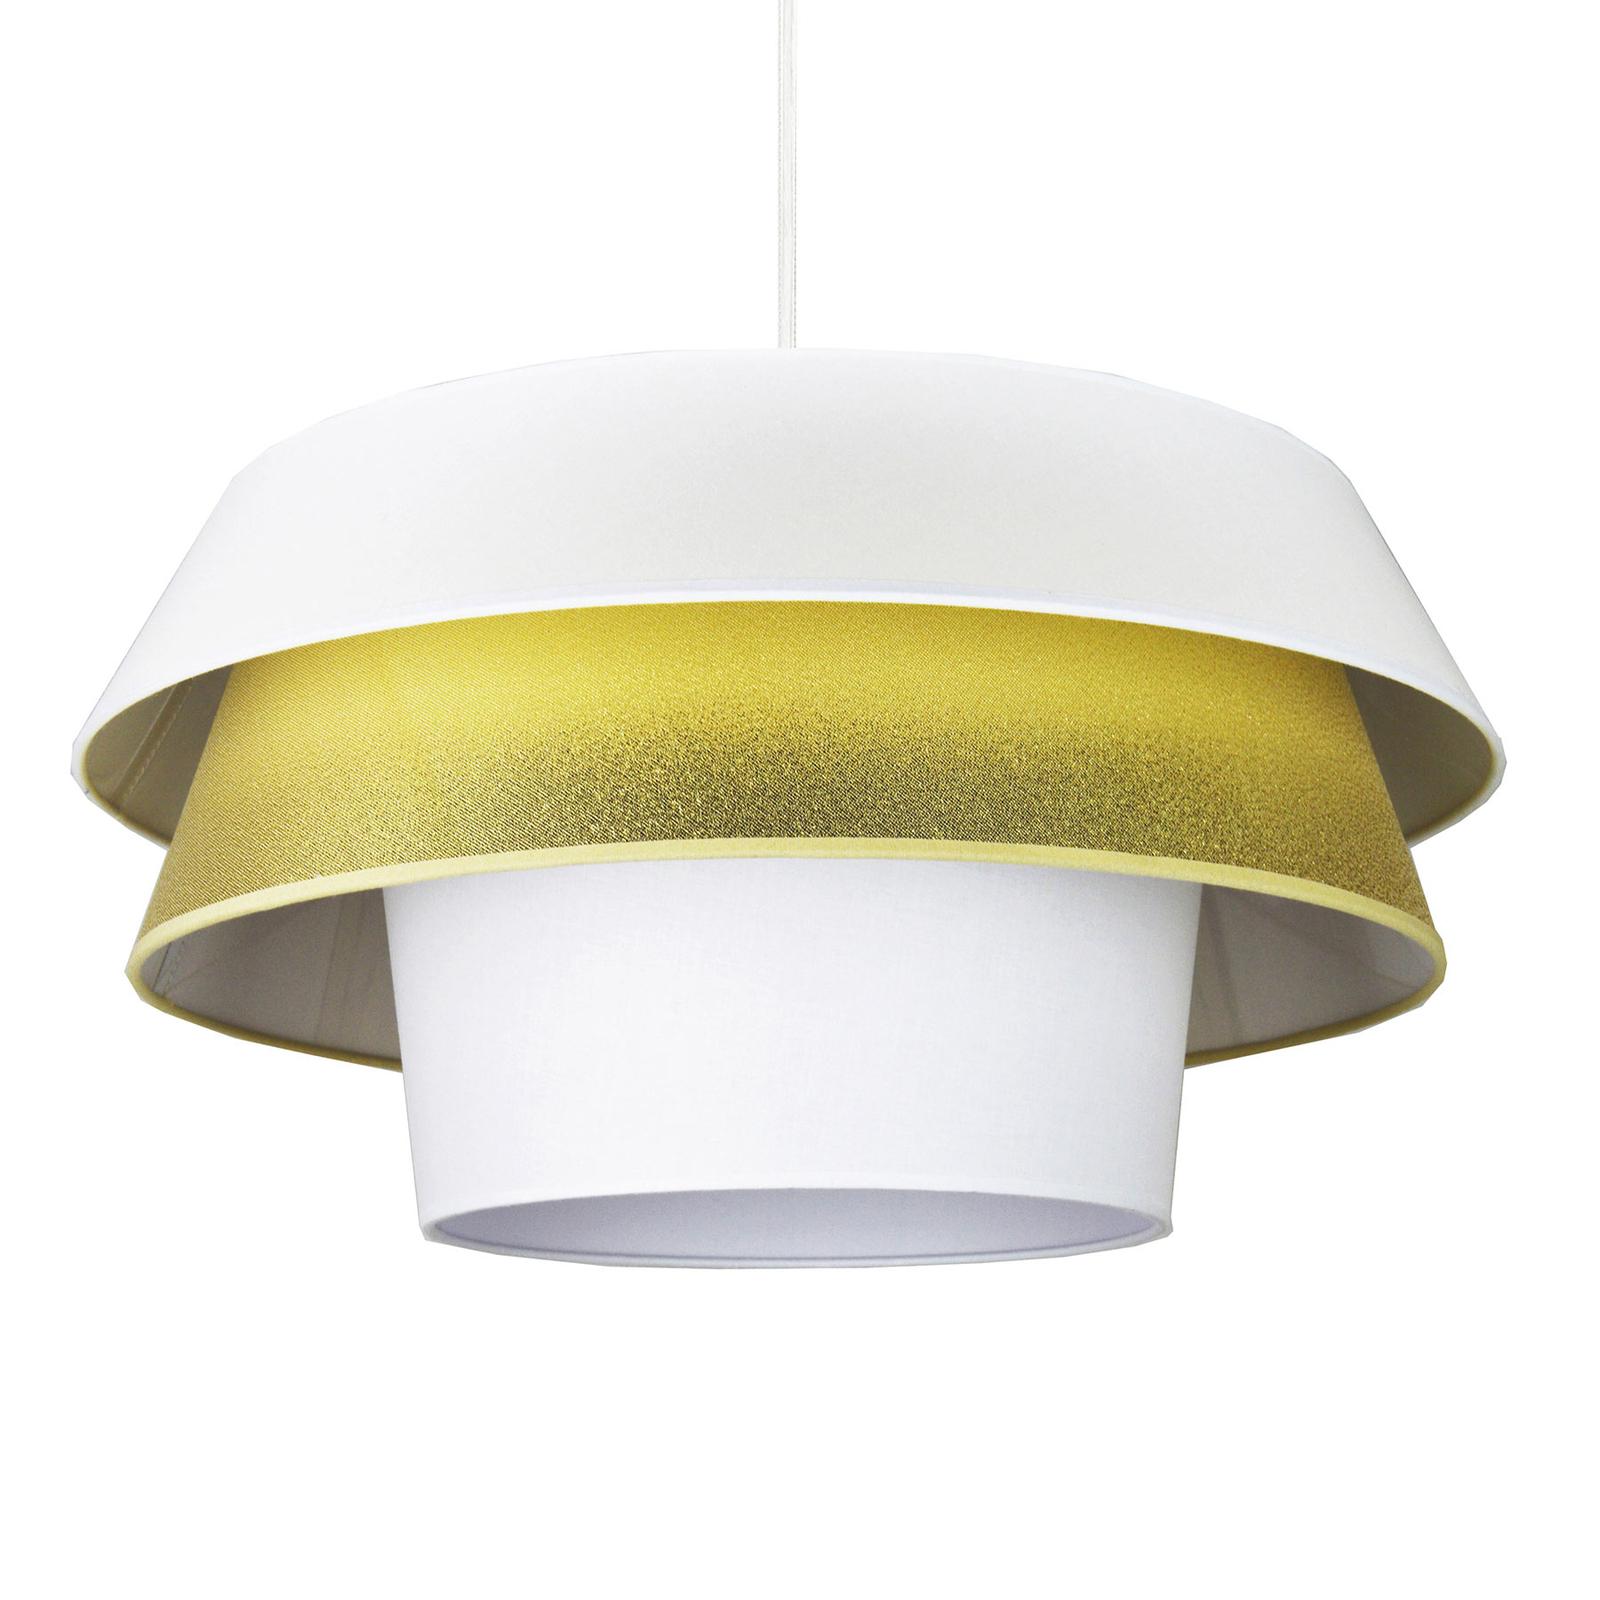 Lotos hængelampe i tekstil, hvid og guld